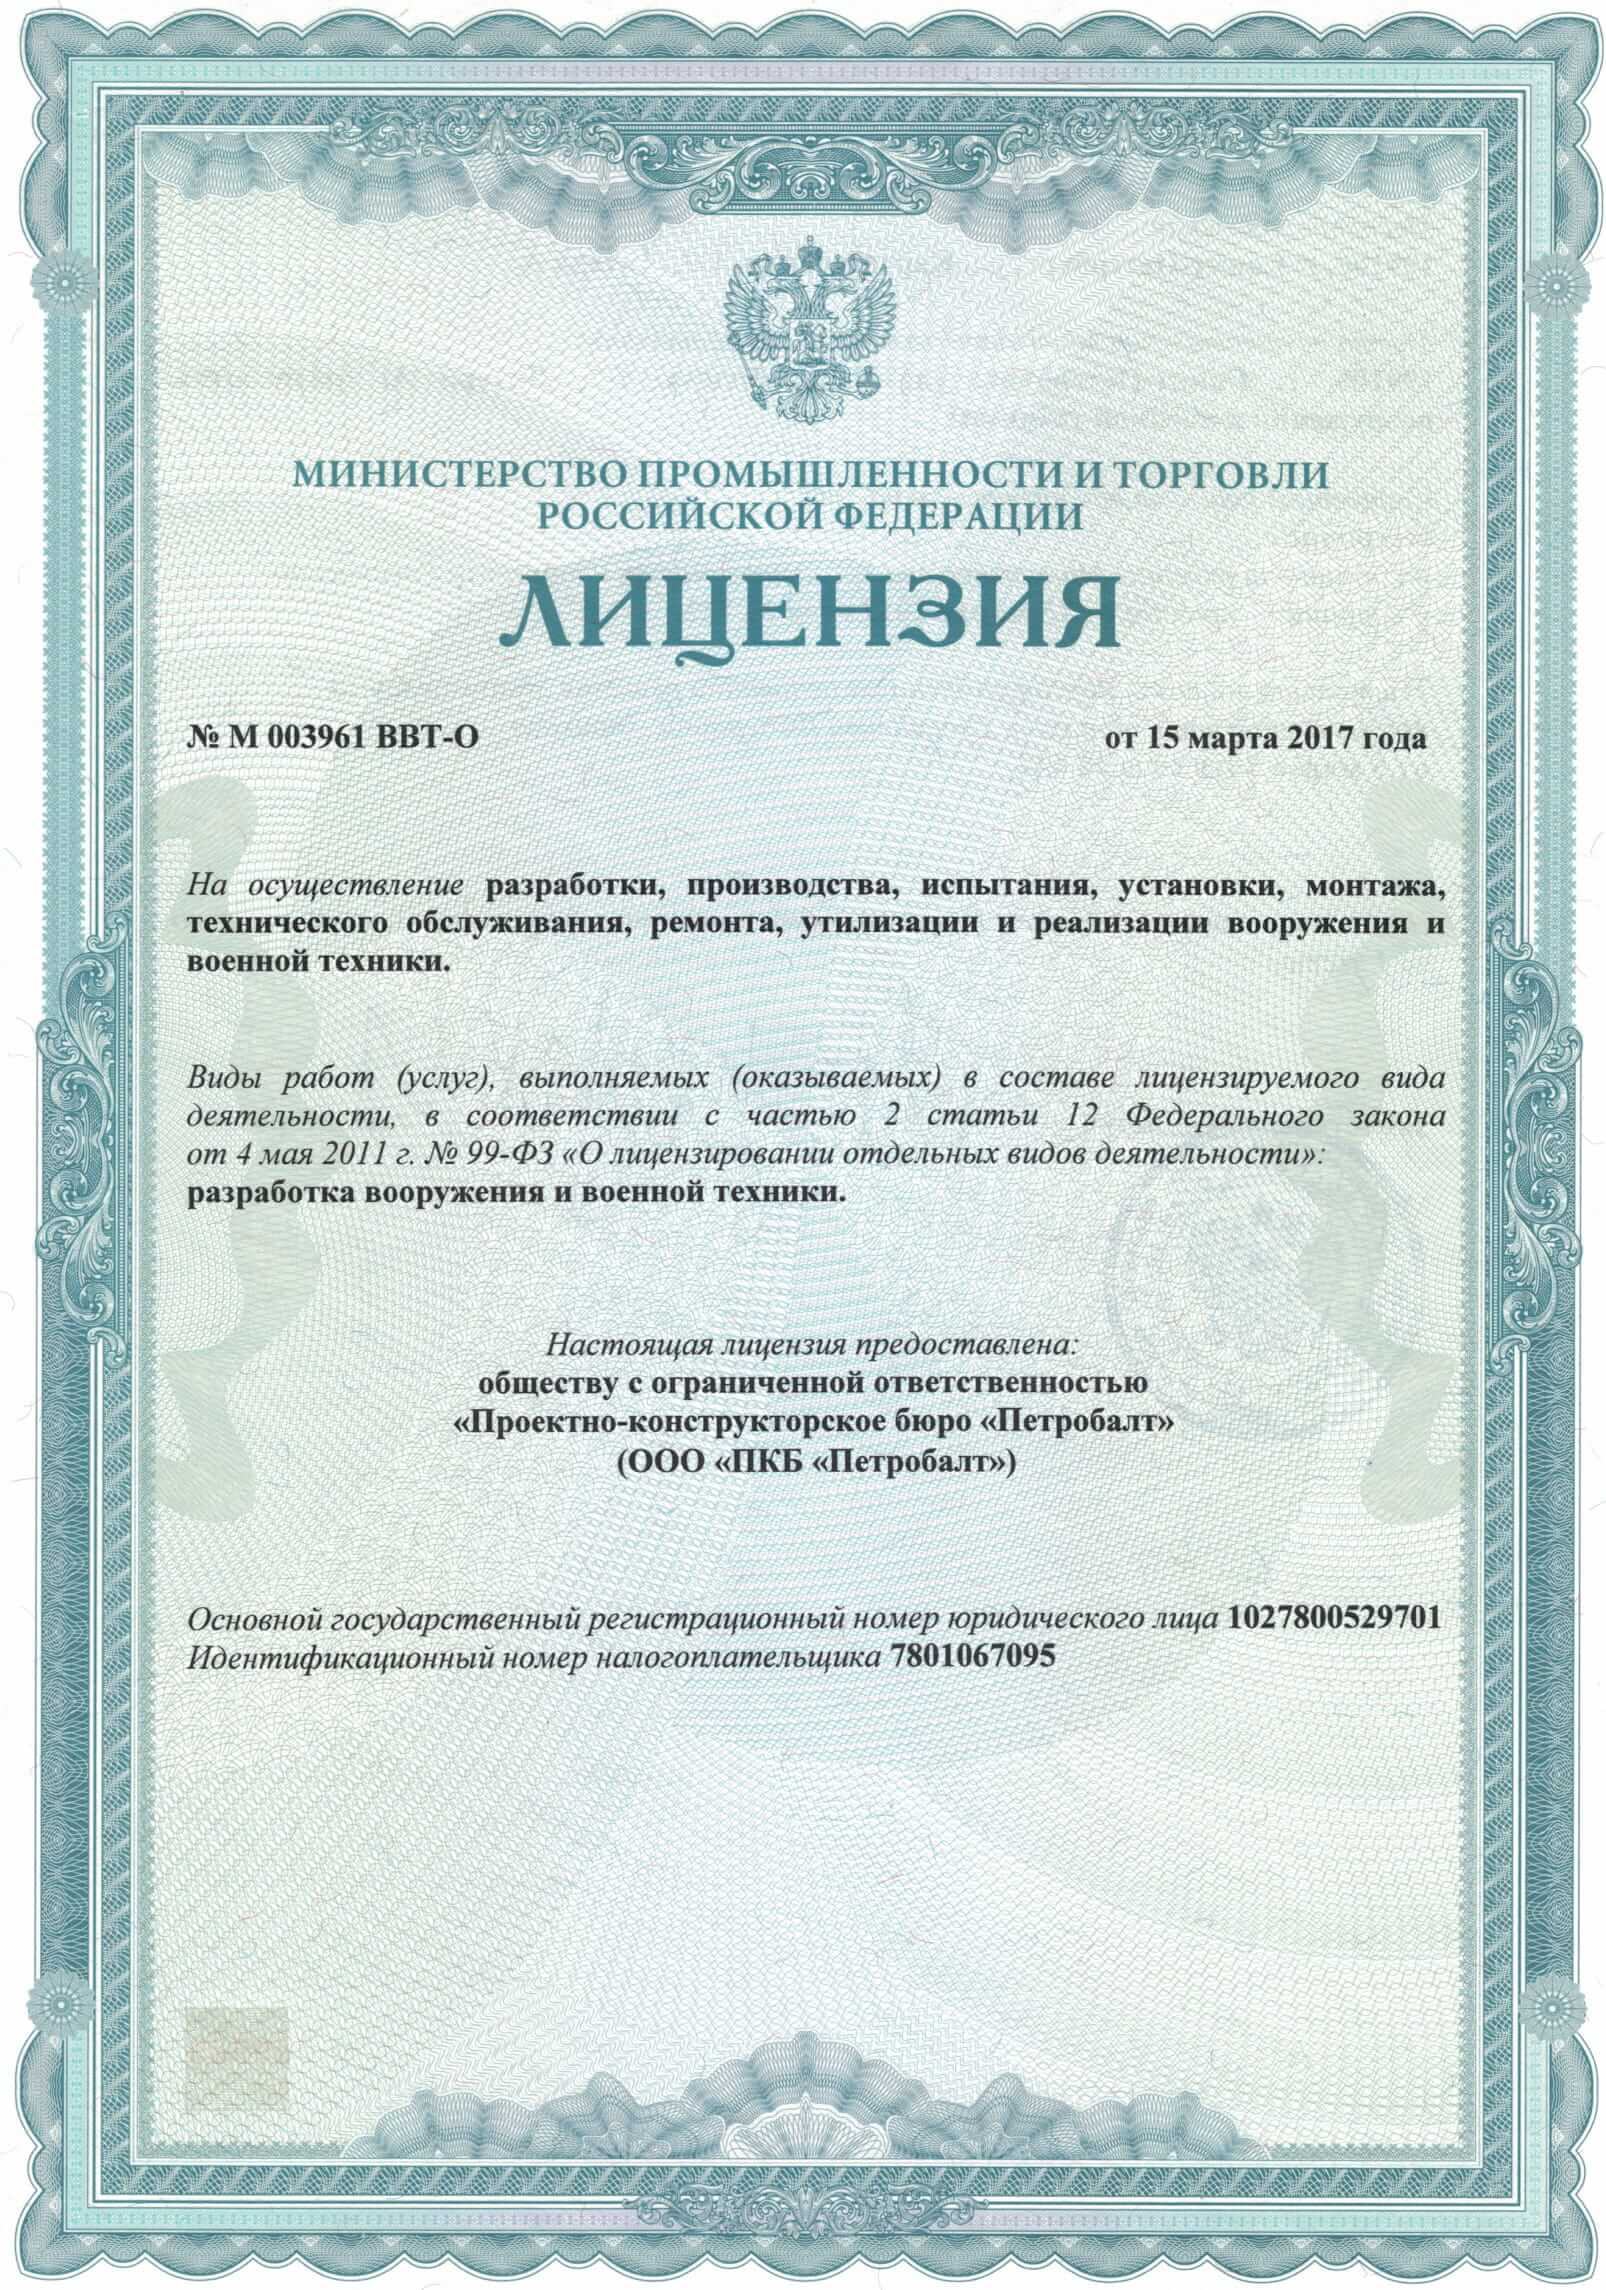 Петробалт лицензия на разработку вооружения и военной техники